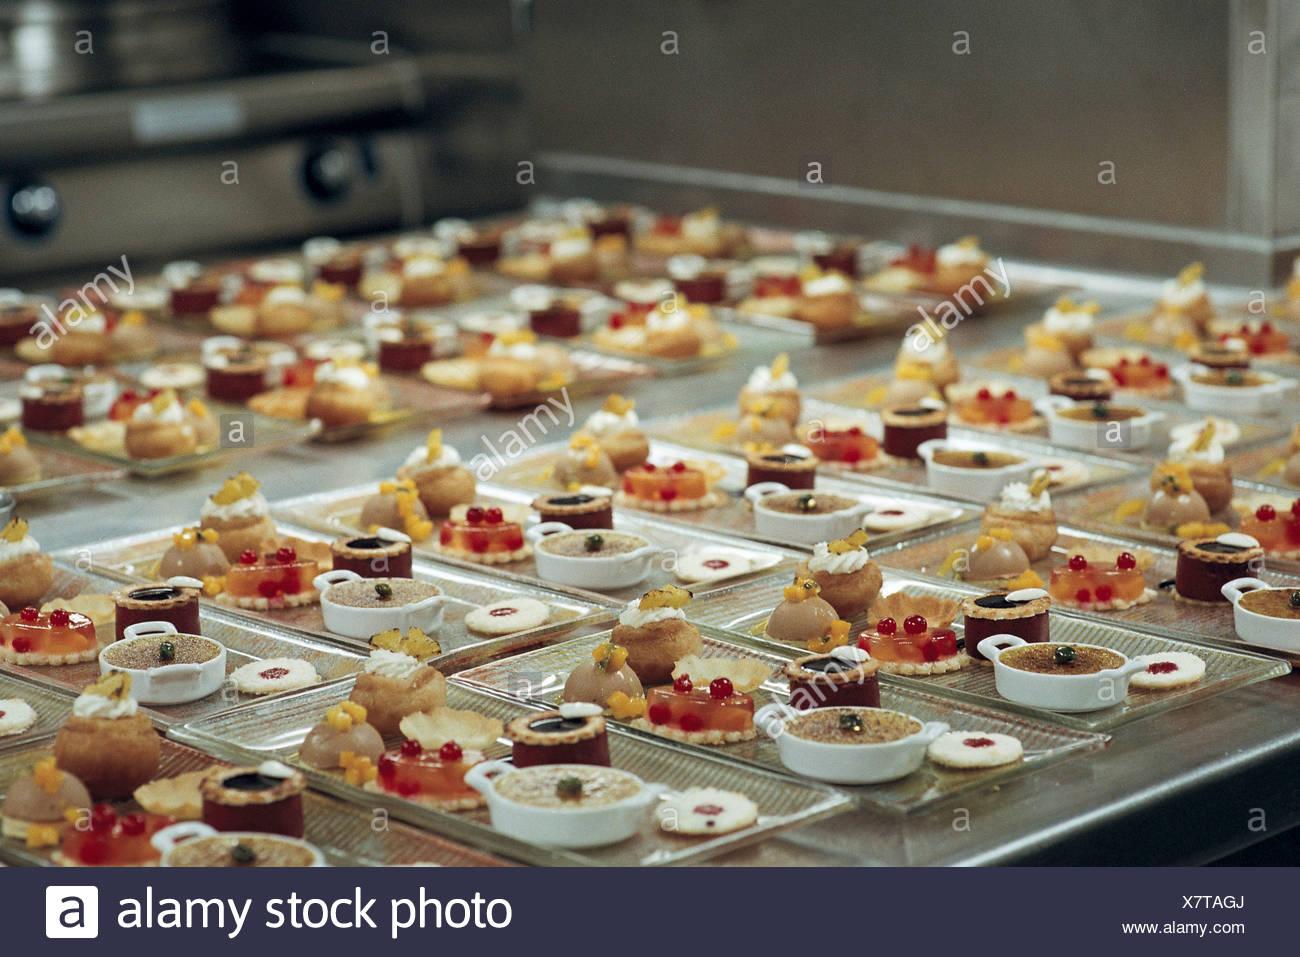 Comida preparada en la cocina comercial Imagen De Stock